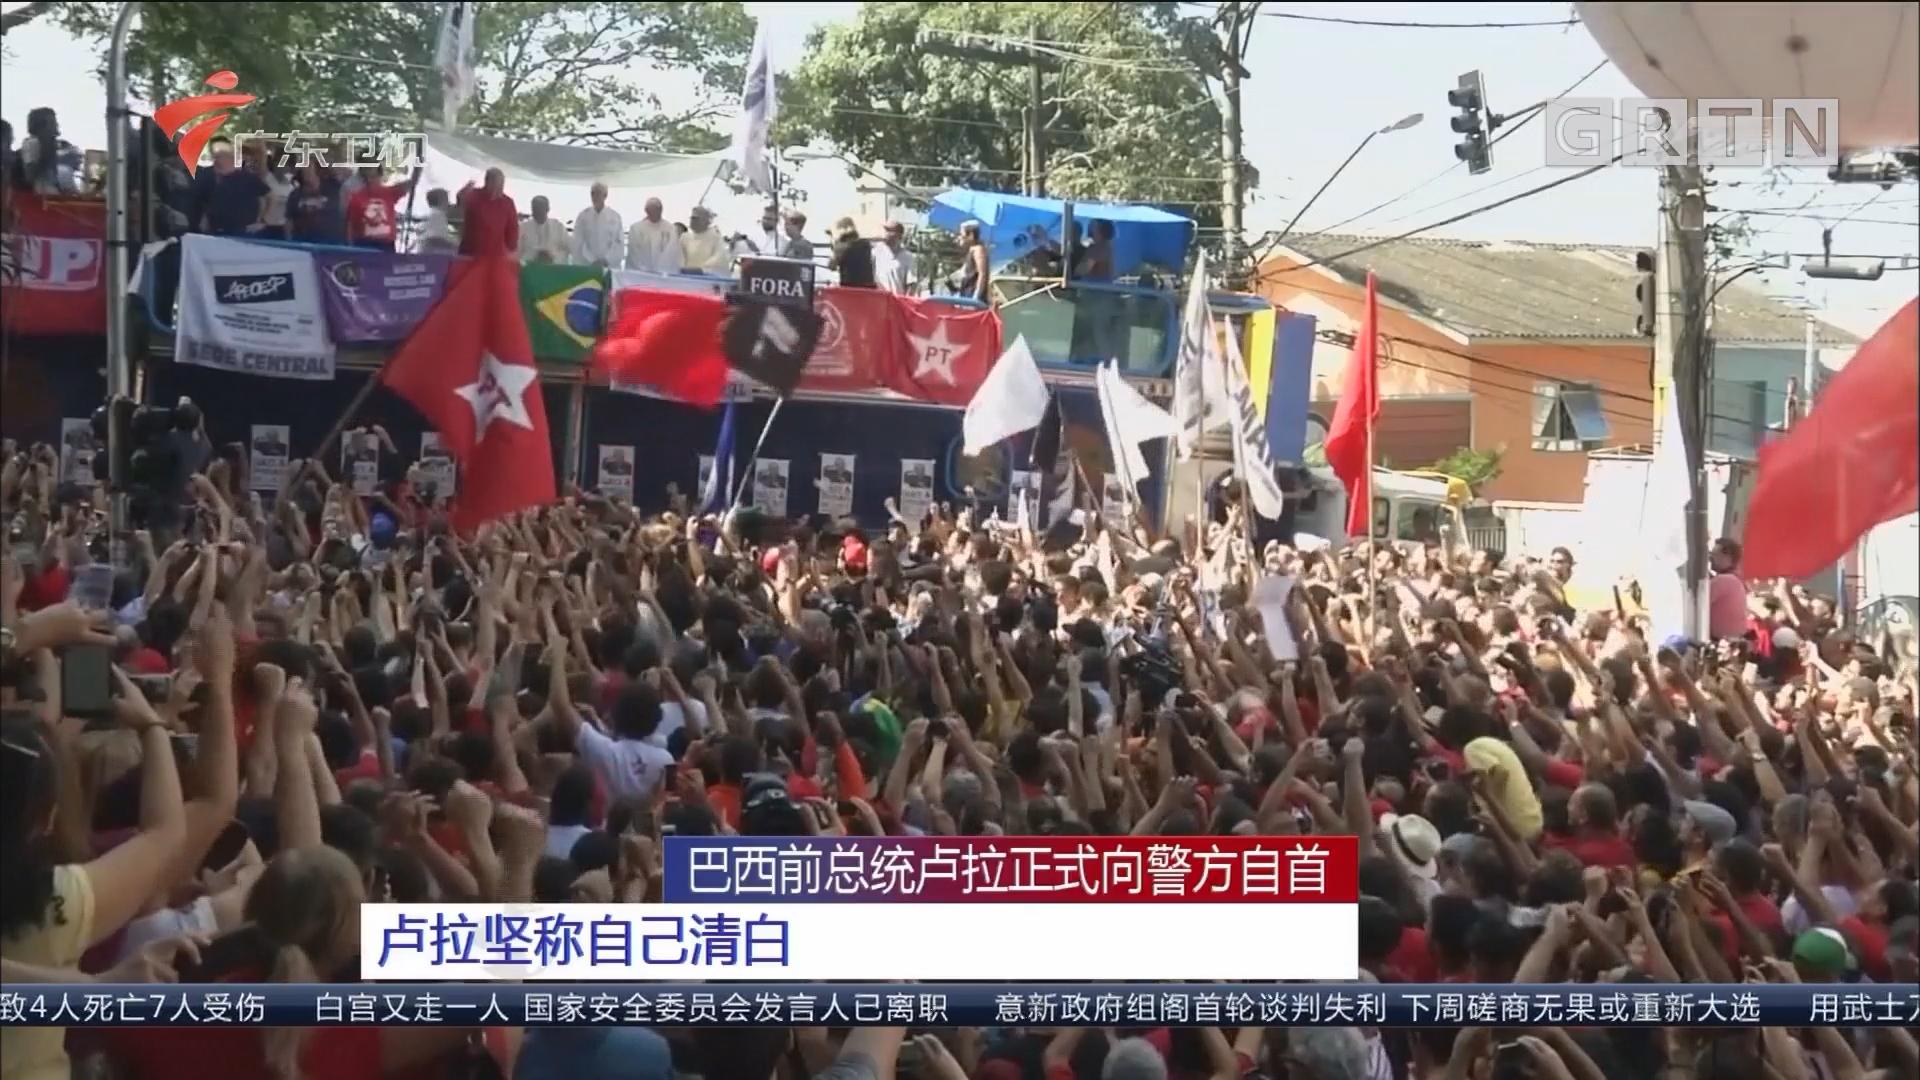 巴西前总统卢拉正式向警方自首:卢拉支持者大声呼喊阻止其自首